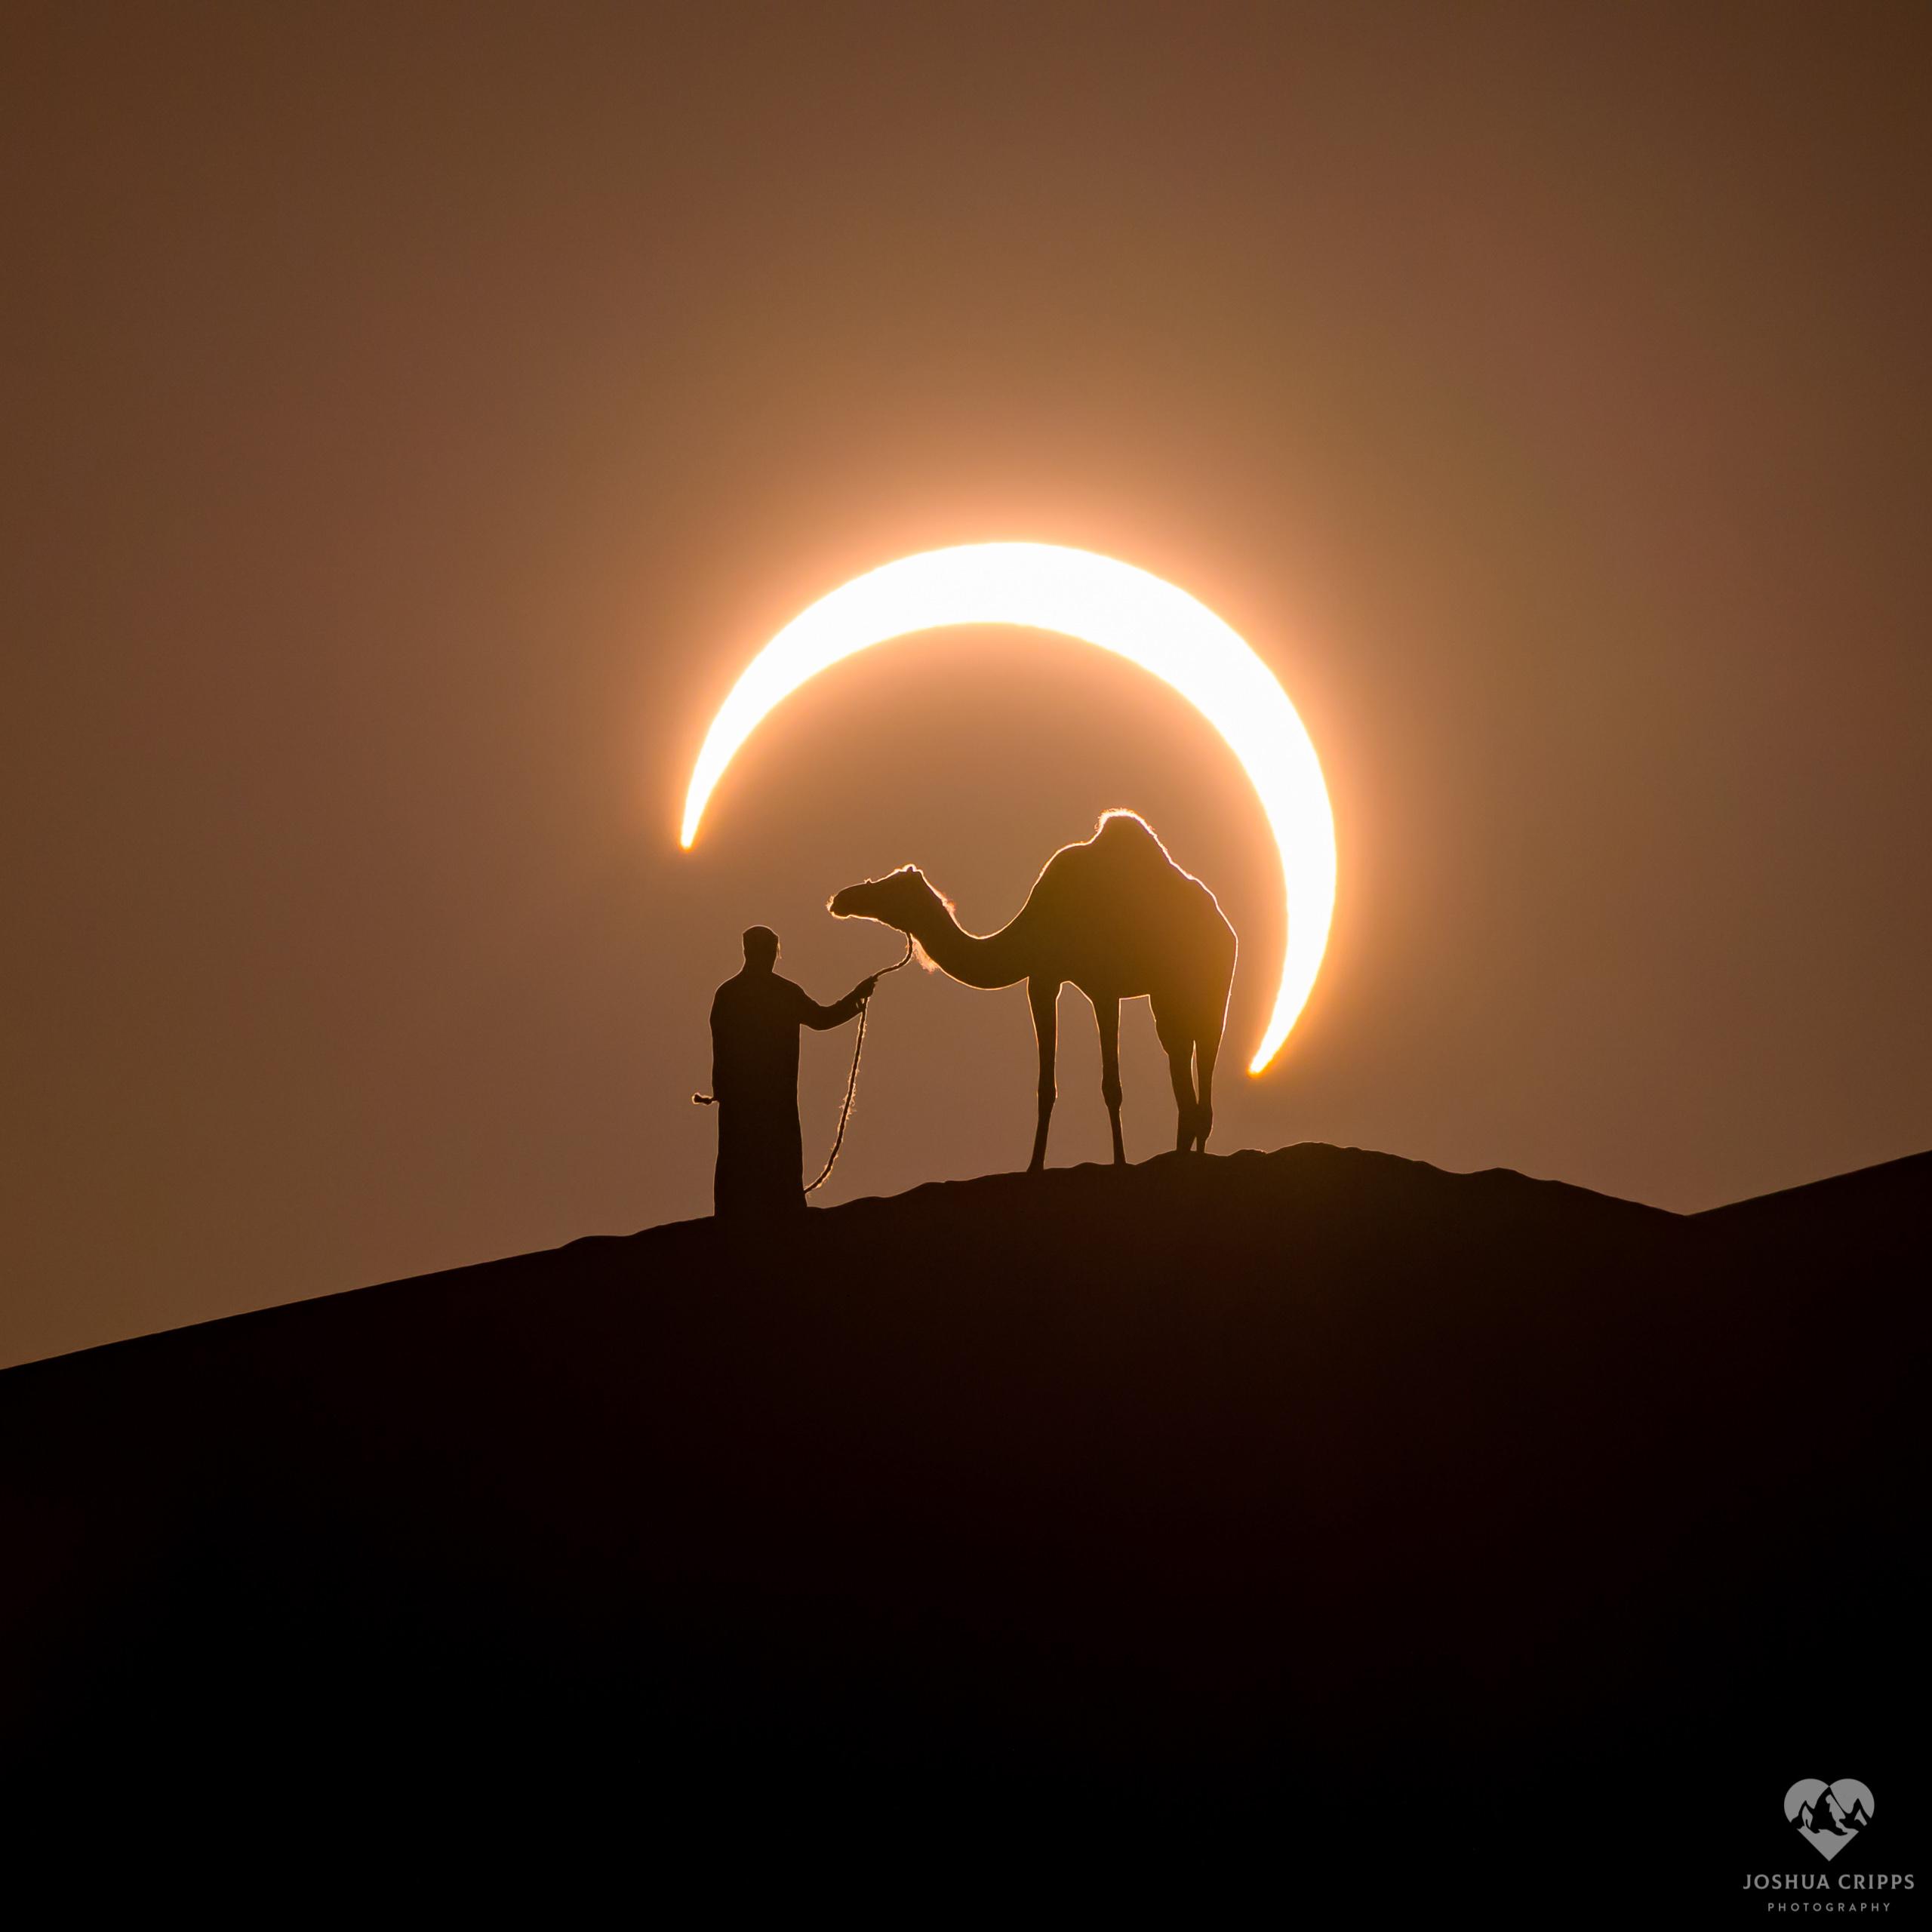 [ASTRONOMIA]   ¨  Solar Eclipse over the UAE